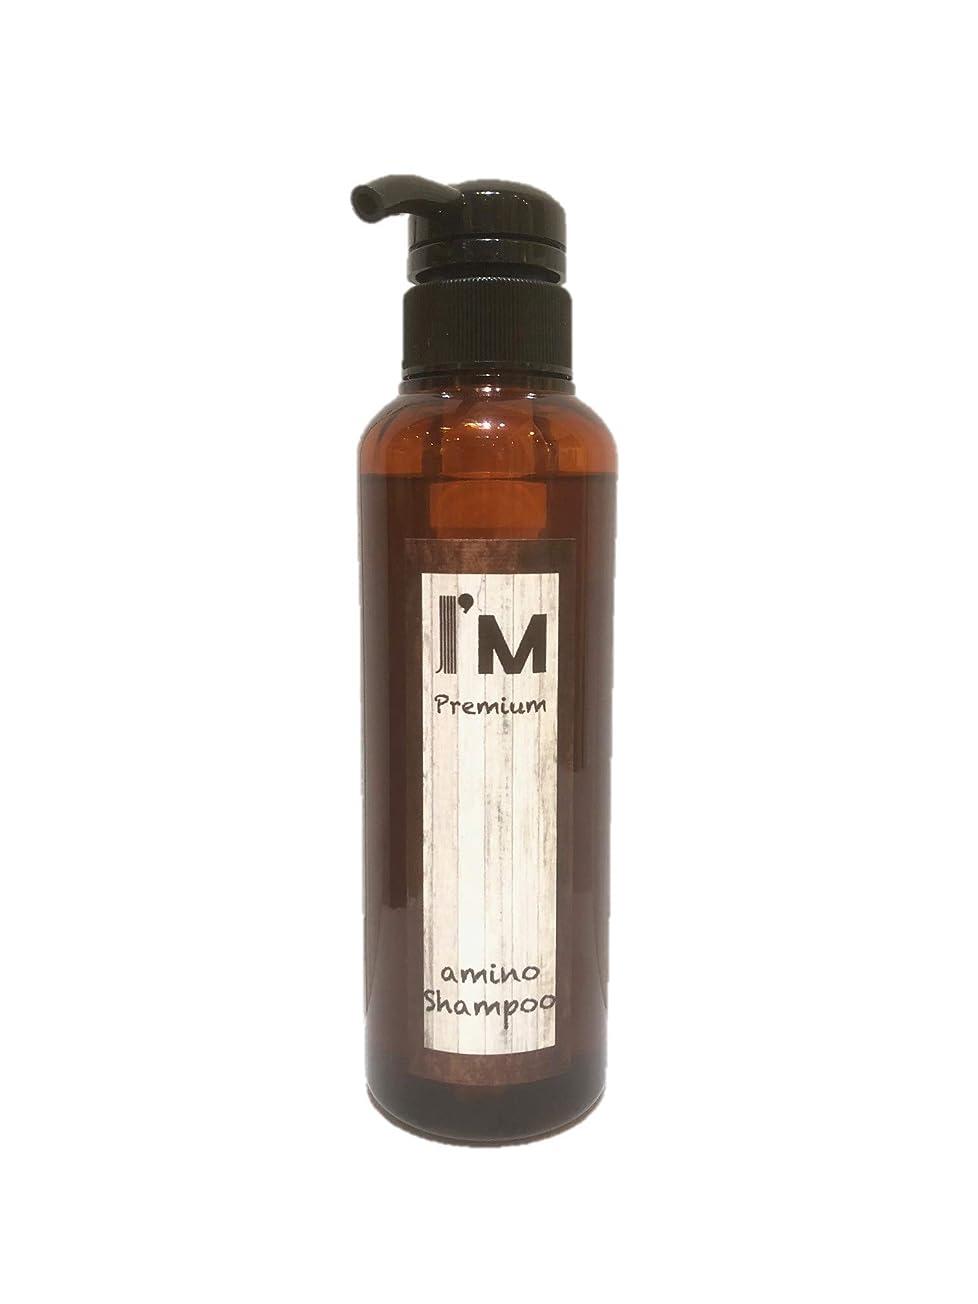 艶ロール年齢I'M ノンシリコン アミノ酸系 ヘアケア シャンプー プラセンタエキス コラーゲン ビタミンC誘導体 配合 300ml